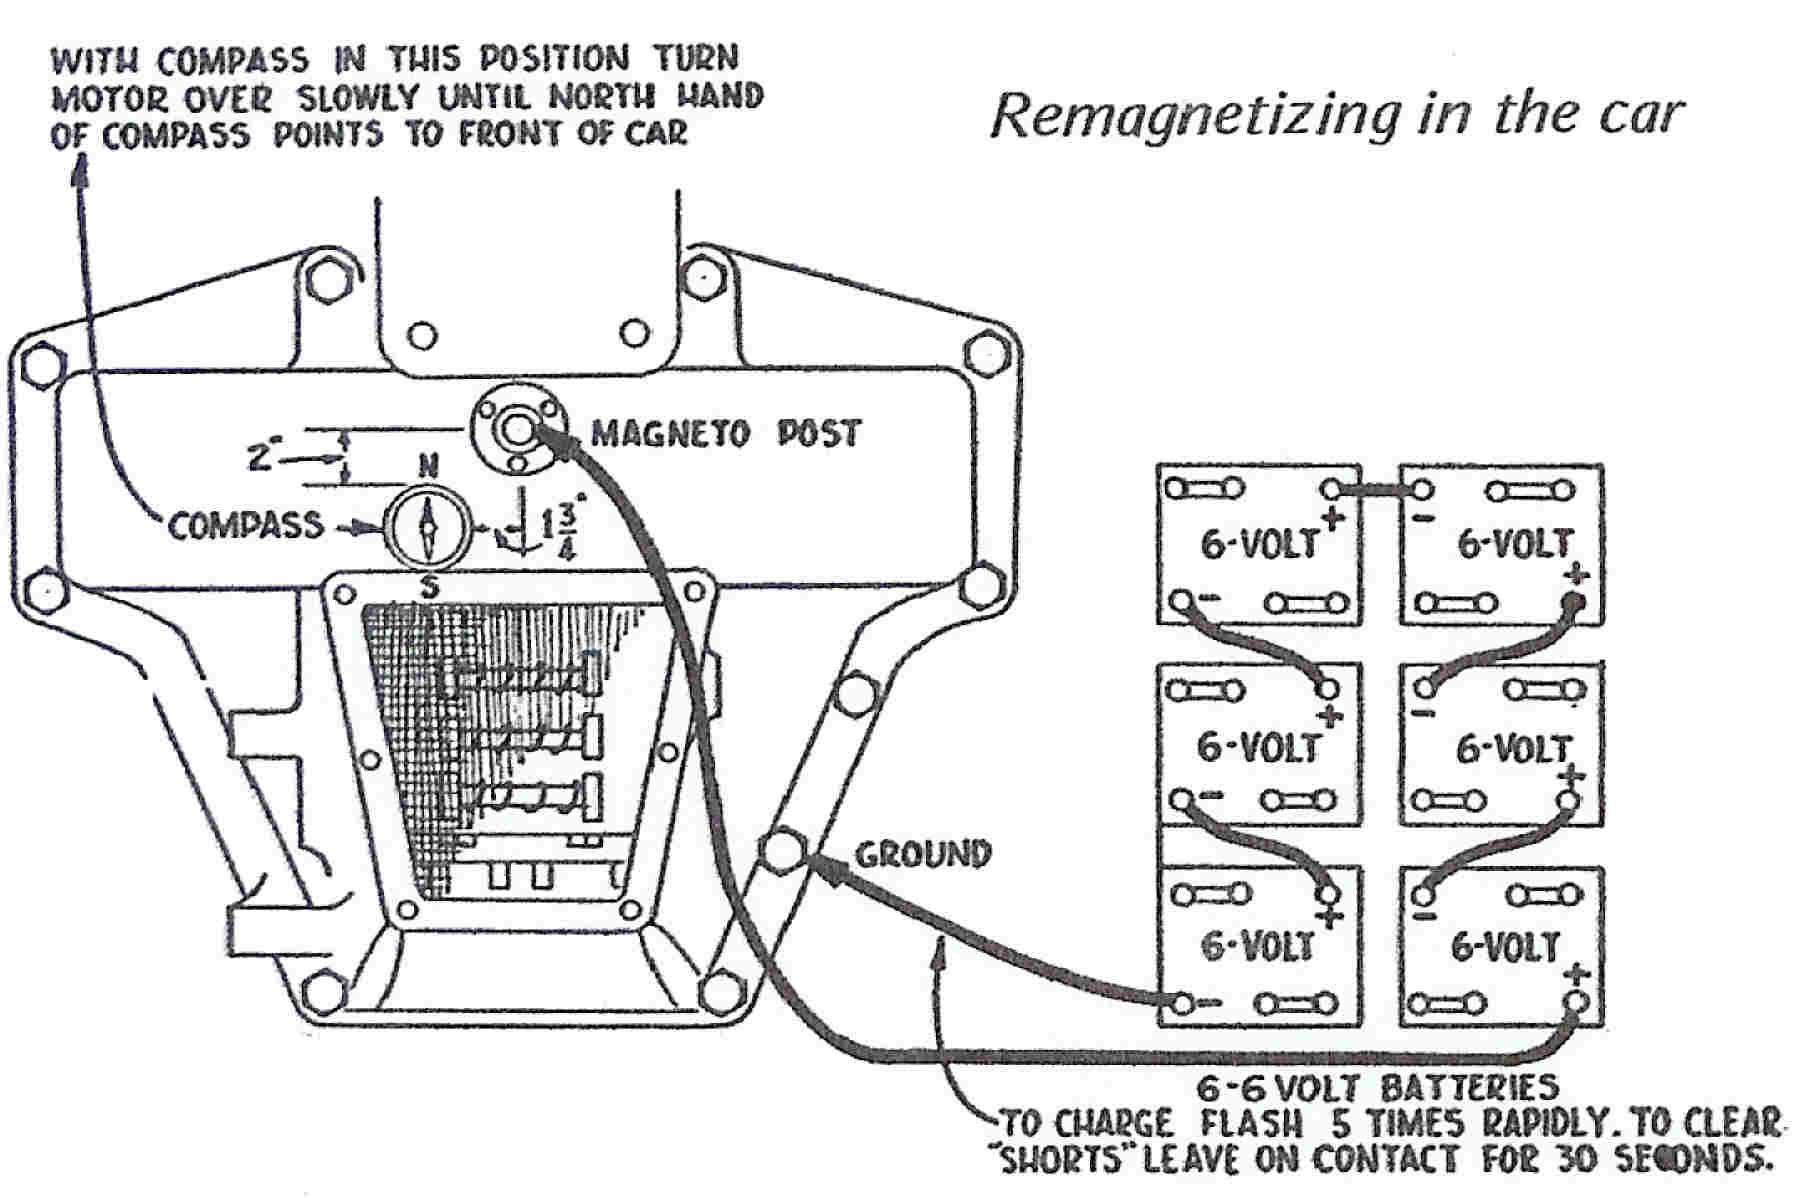 245806 xk09 wiring diagram 08 dodge ram wiring diagram wiring diagram xk09 wiring diagram at eliteediting.co